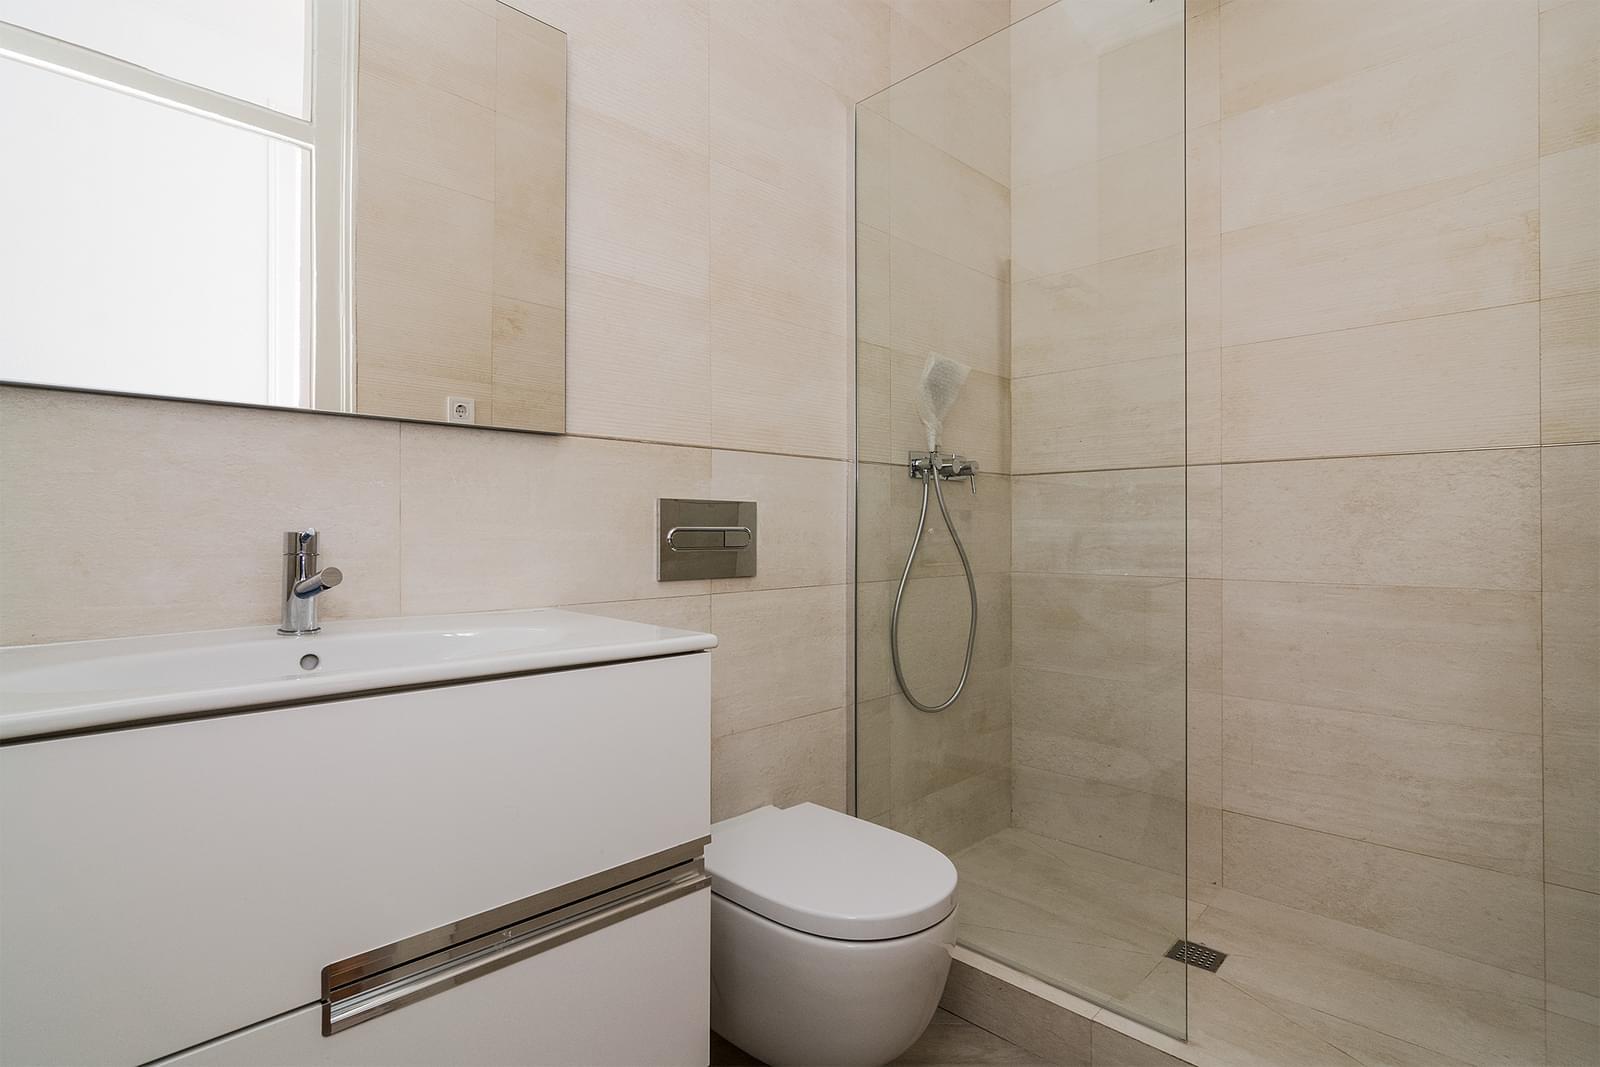 pf17267-apartamento-t3-lisboa-3d43ee8e-8f23-4fe2-8d1b-96651c927ca6